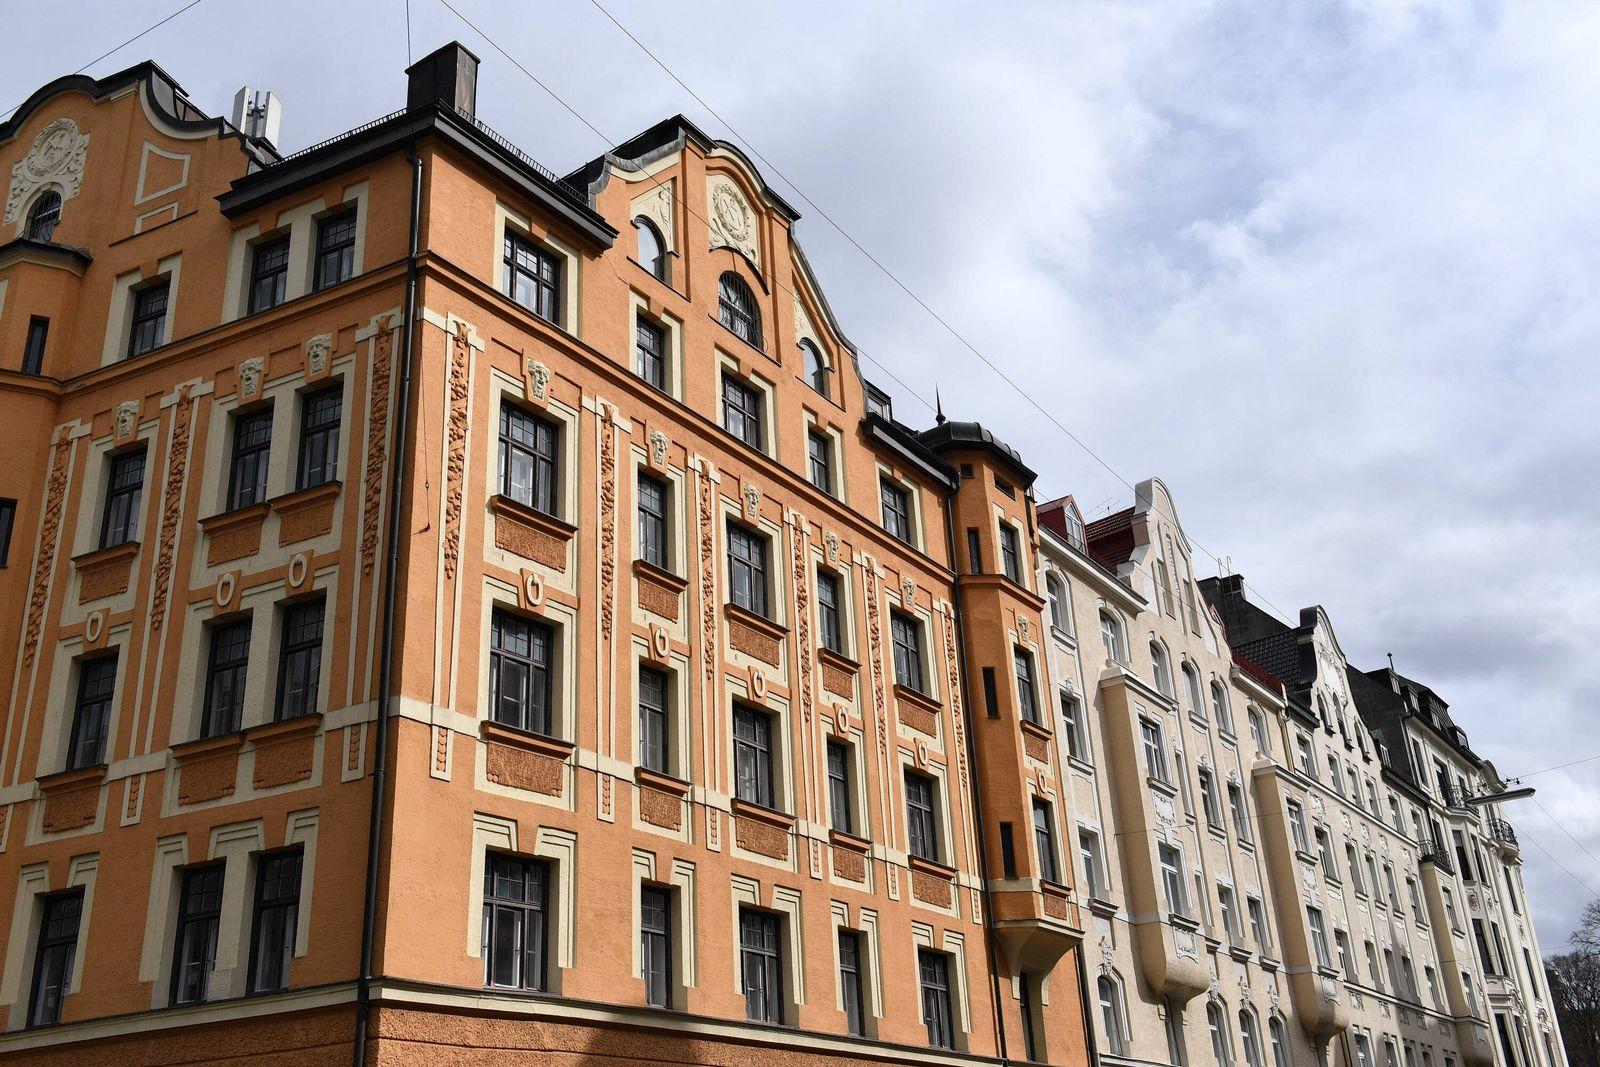 EINMALIGE VERWENDUNG Immobilien / Immobilie / Wohnungen / Mieten / München / Mietwohnungen